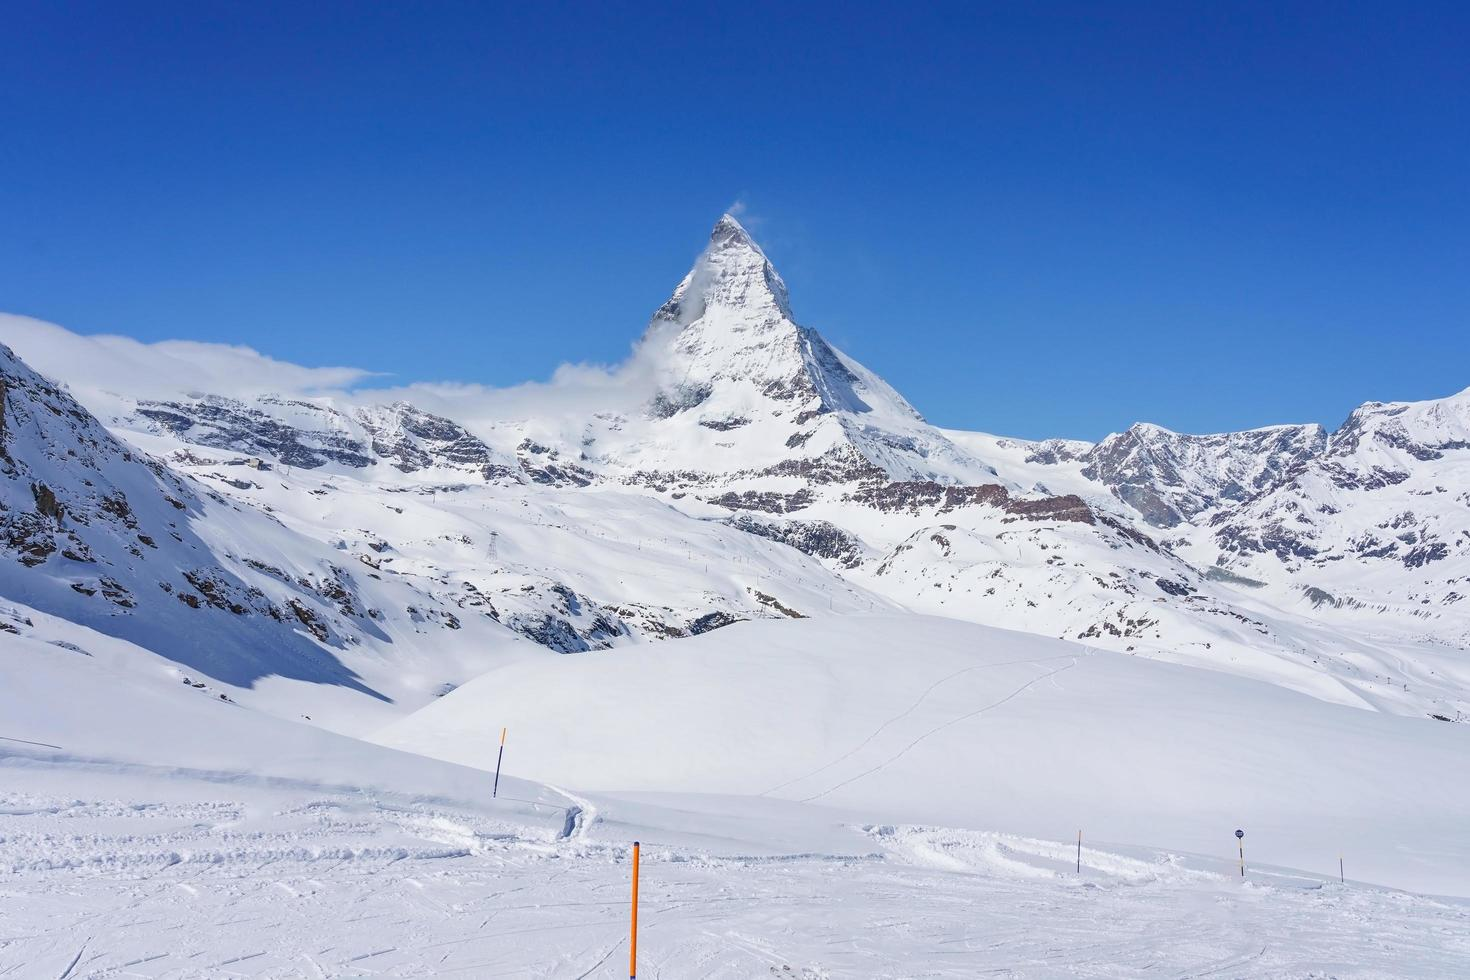 Blick auf Matterhorn an einem klaren sonnigen Tag, Zermatt, Schweiz foto